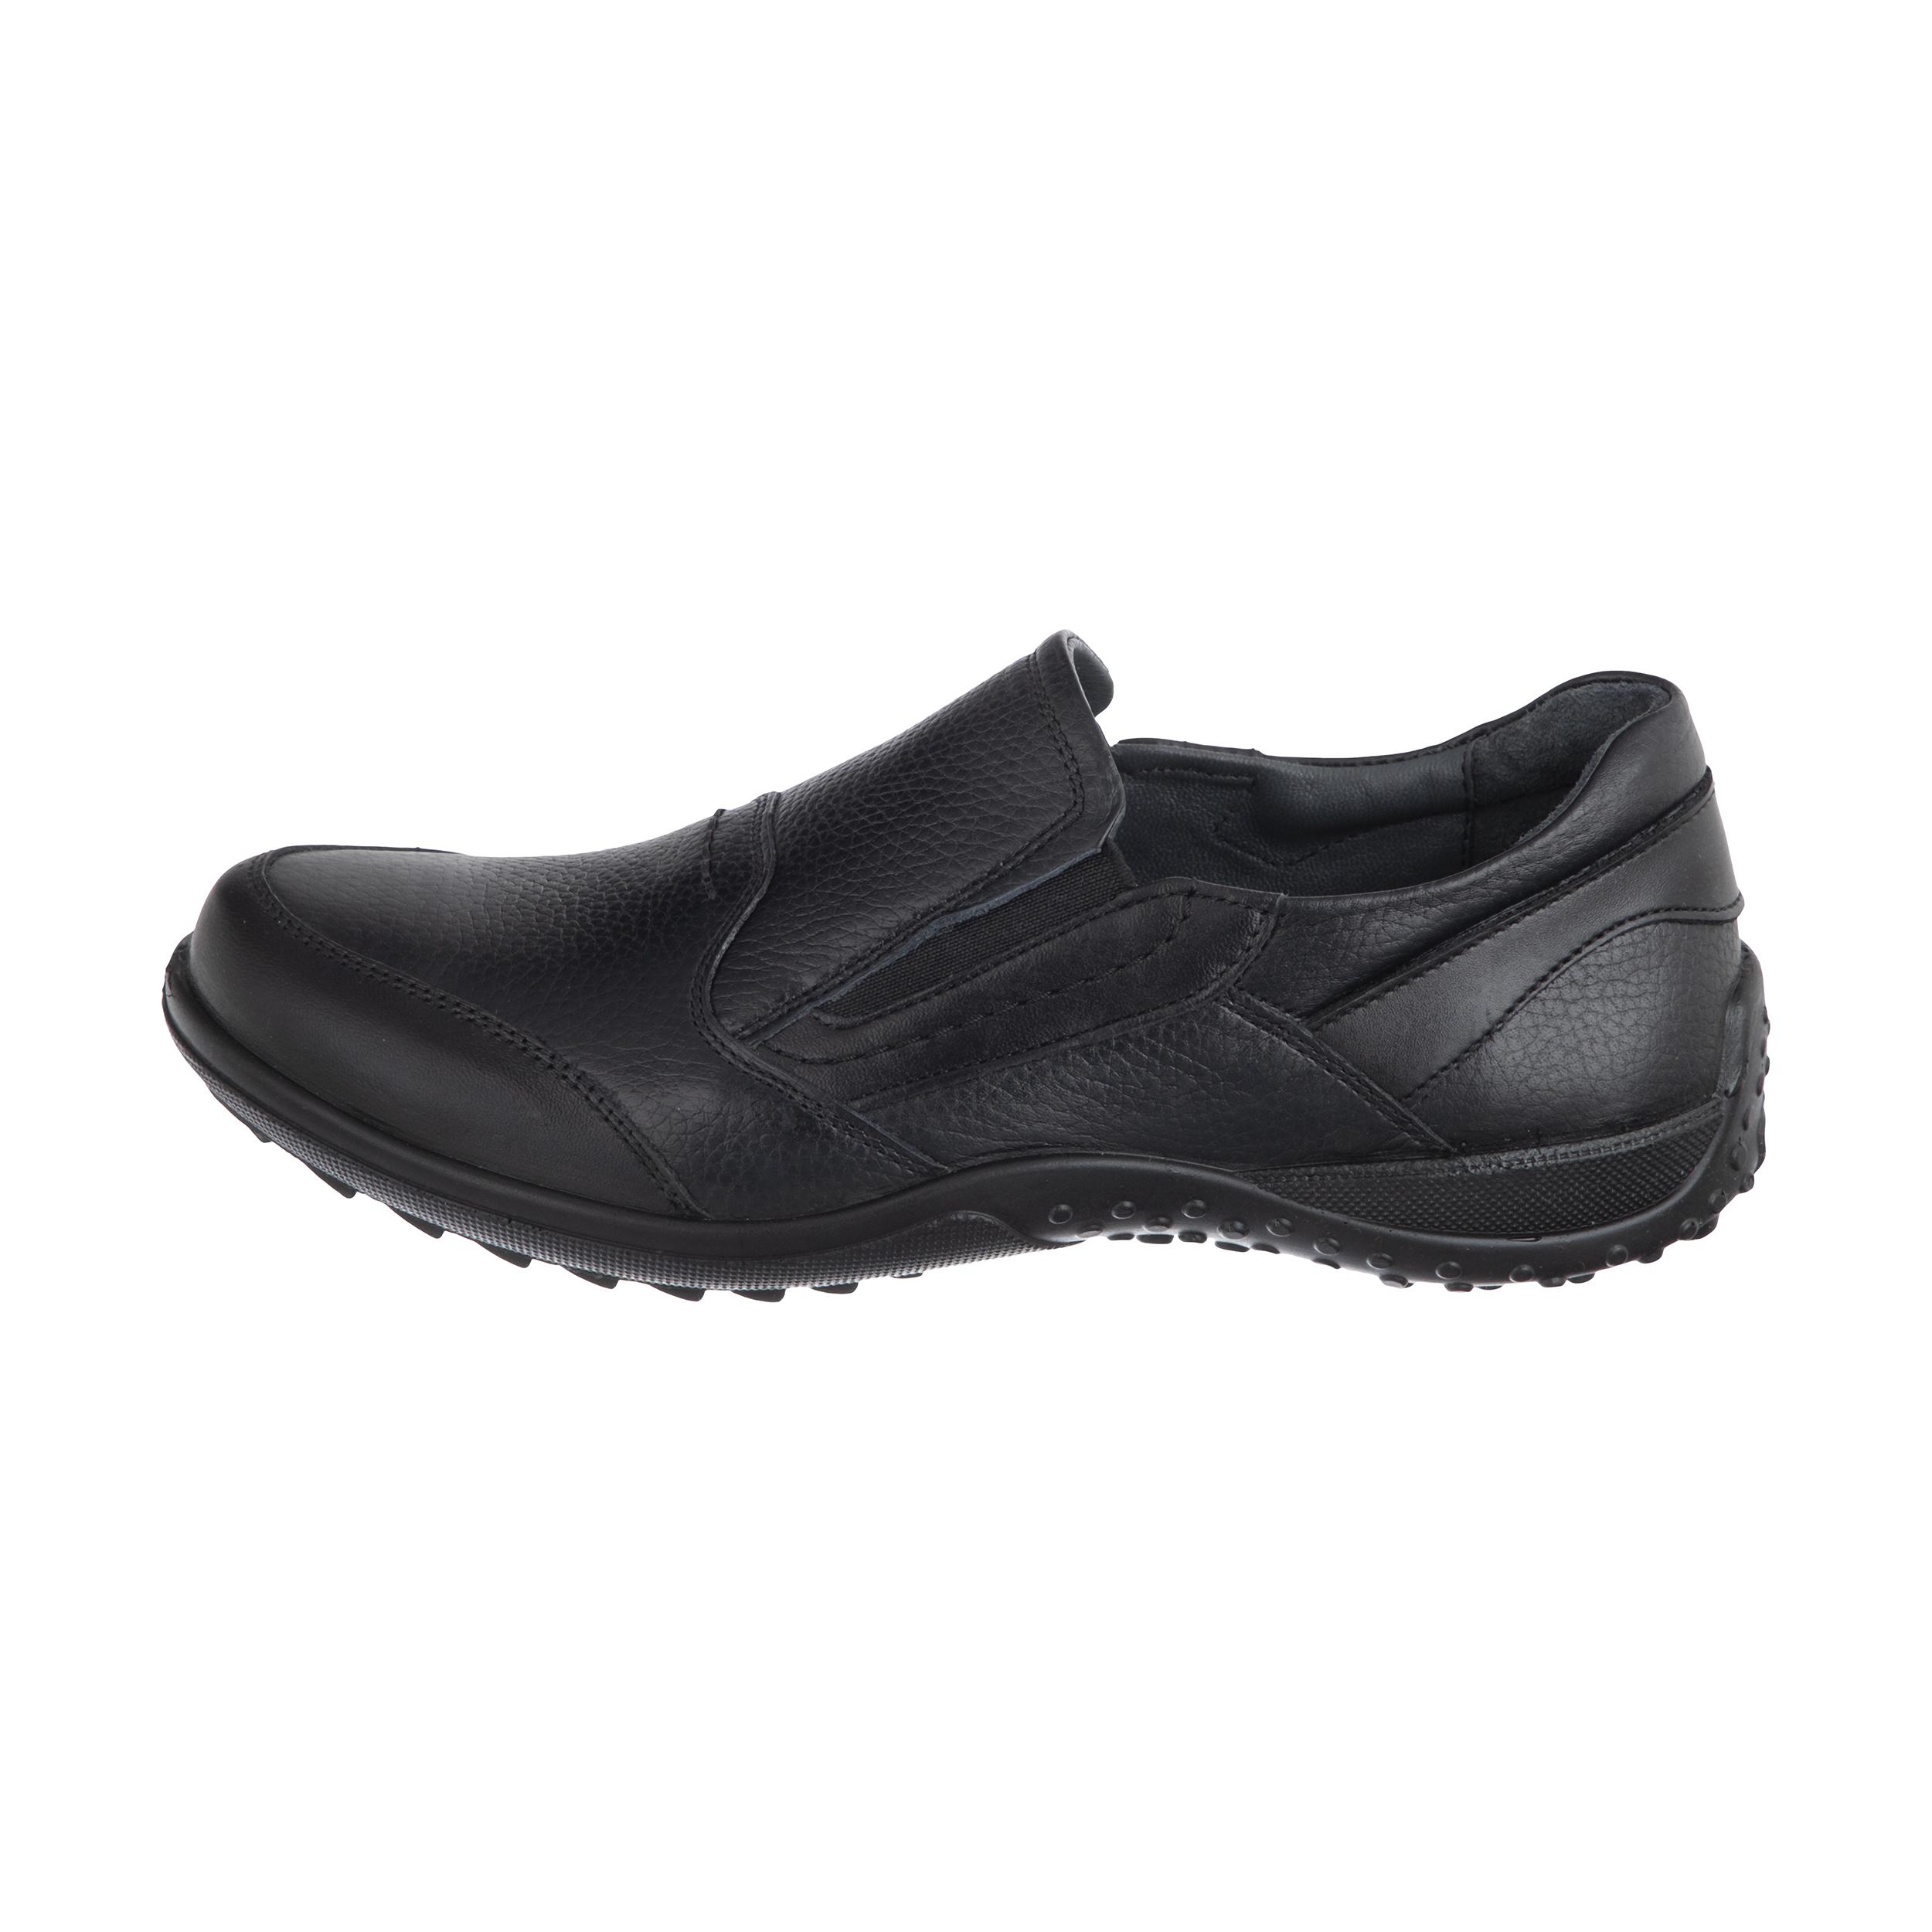 کفش روزمره مردانه شیما مدل 573250142